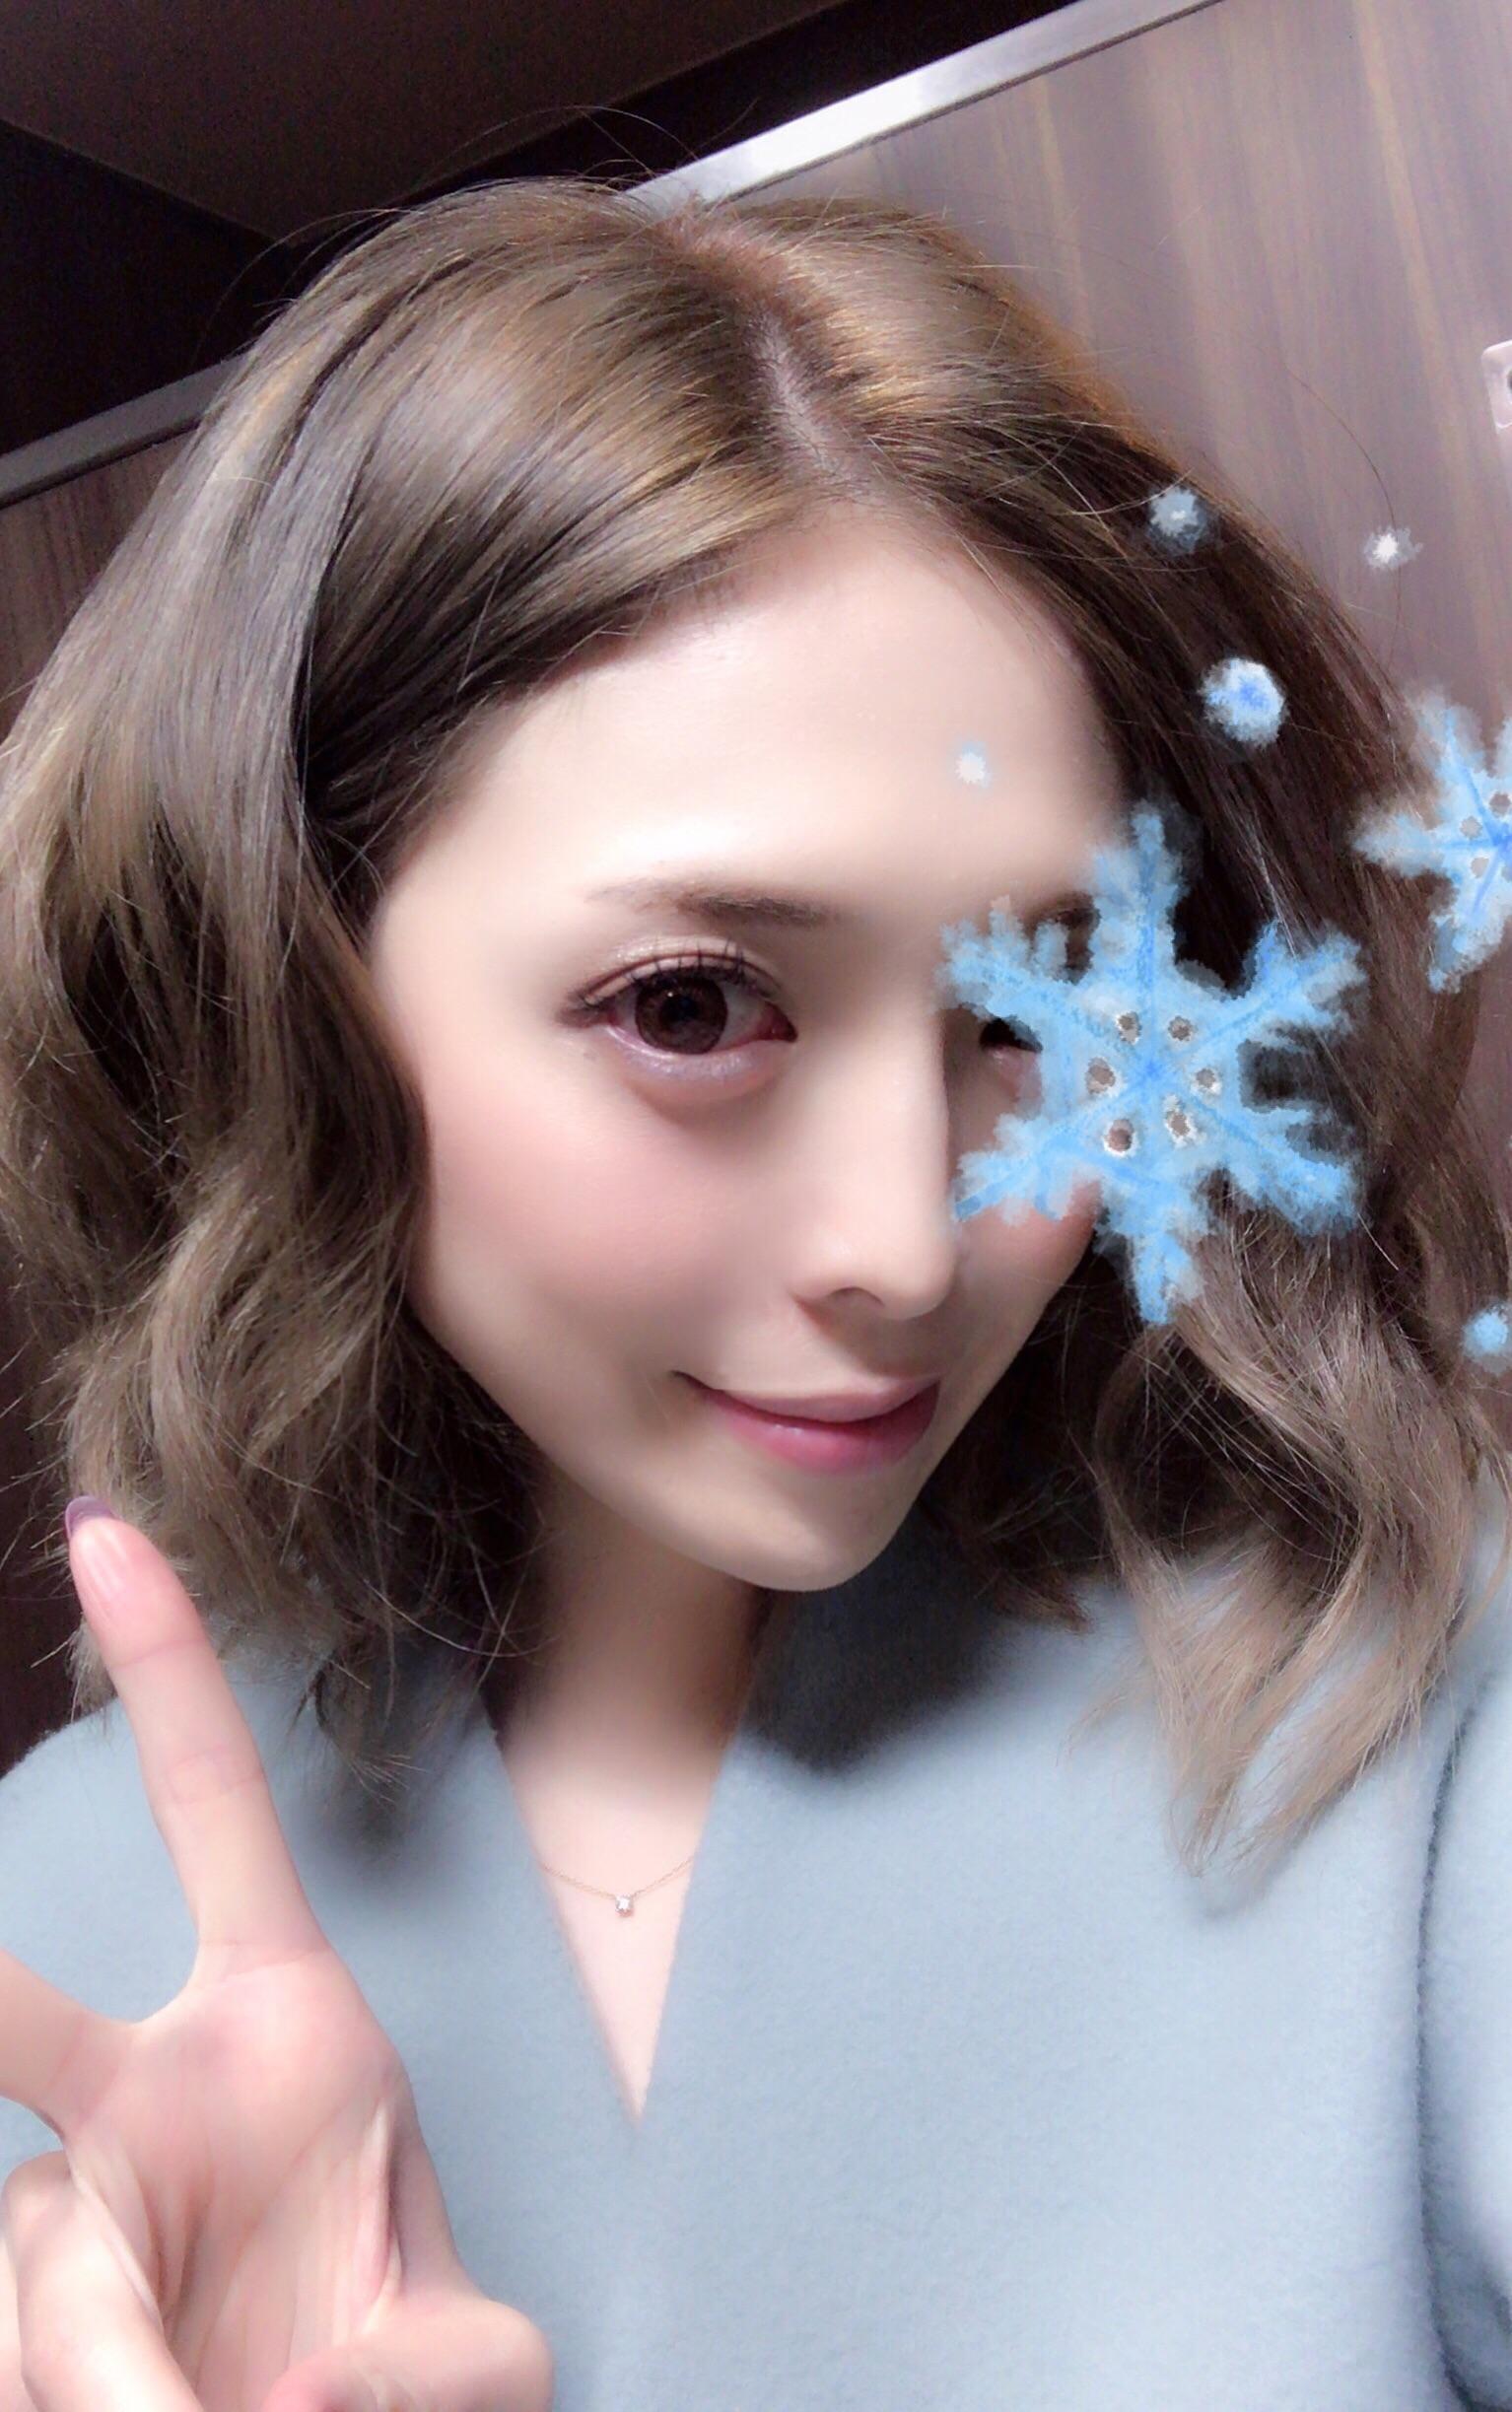 「歌舞伎町ラブホお兄さん?」06/23(土) 14:12 | YUKAの写メ・風俗動画